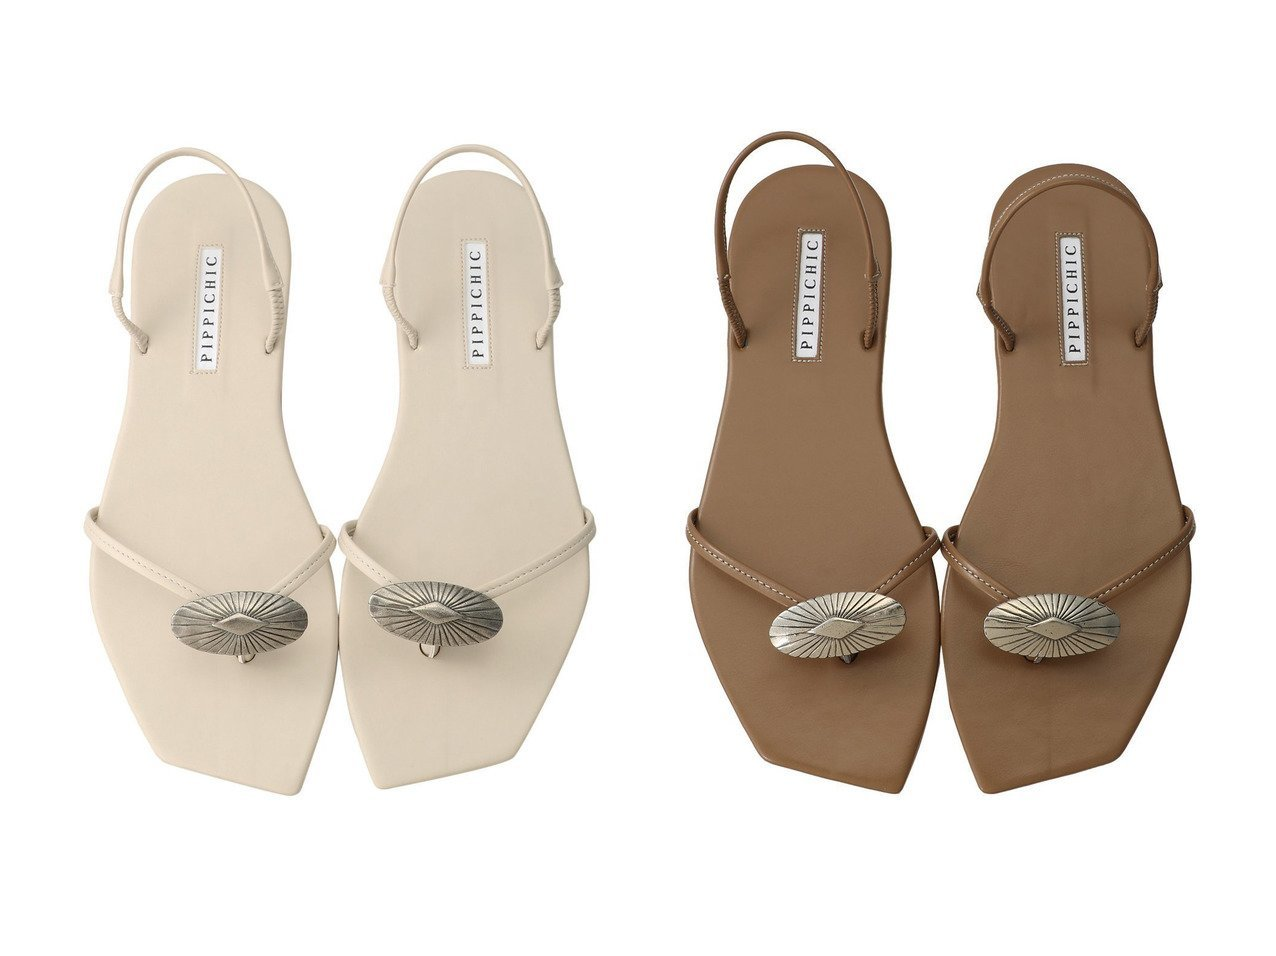 【Pippichic/ピッピシック】のコンチョ付きトングフラットサンダル シューズ・靴のおすすめ!人気トレンド・レディースファッションの通販 おすすめで人気のファッション通販商品 インテリア・家具・キッズファッション・メンズファッション・レディースファッション・服の通販 founy(ファニー) https://founy.com/ ファッション Fashion レディースファッション WOMEN サンダル フラット ラップ |ID:crp329100000007770